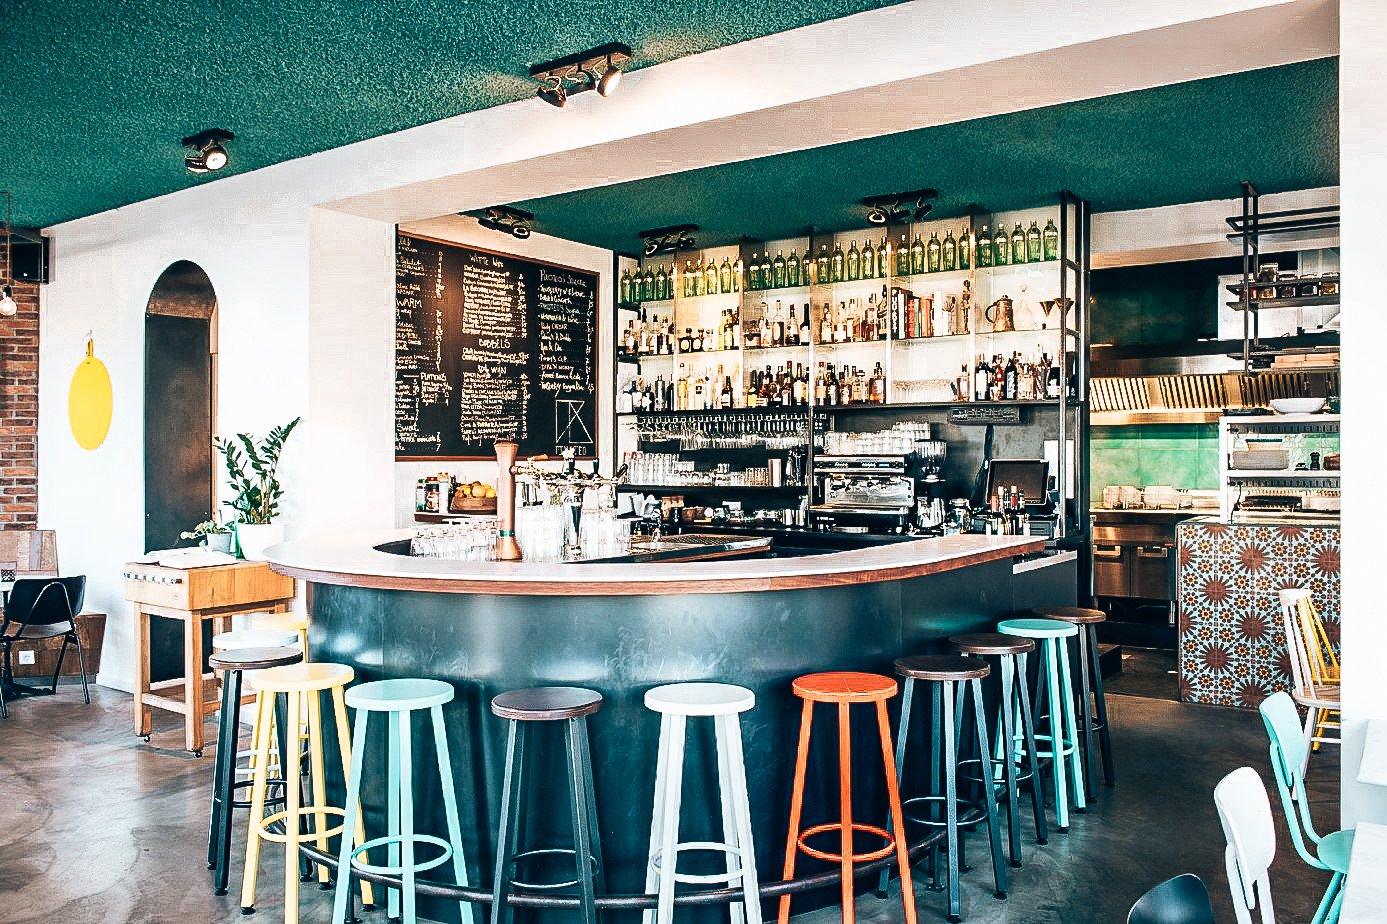 Binnenkijken bij Pikoteo in Amsterdam, Alles over gin.